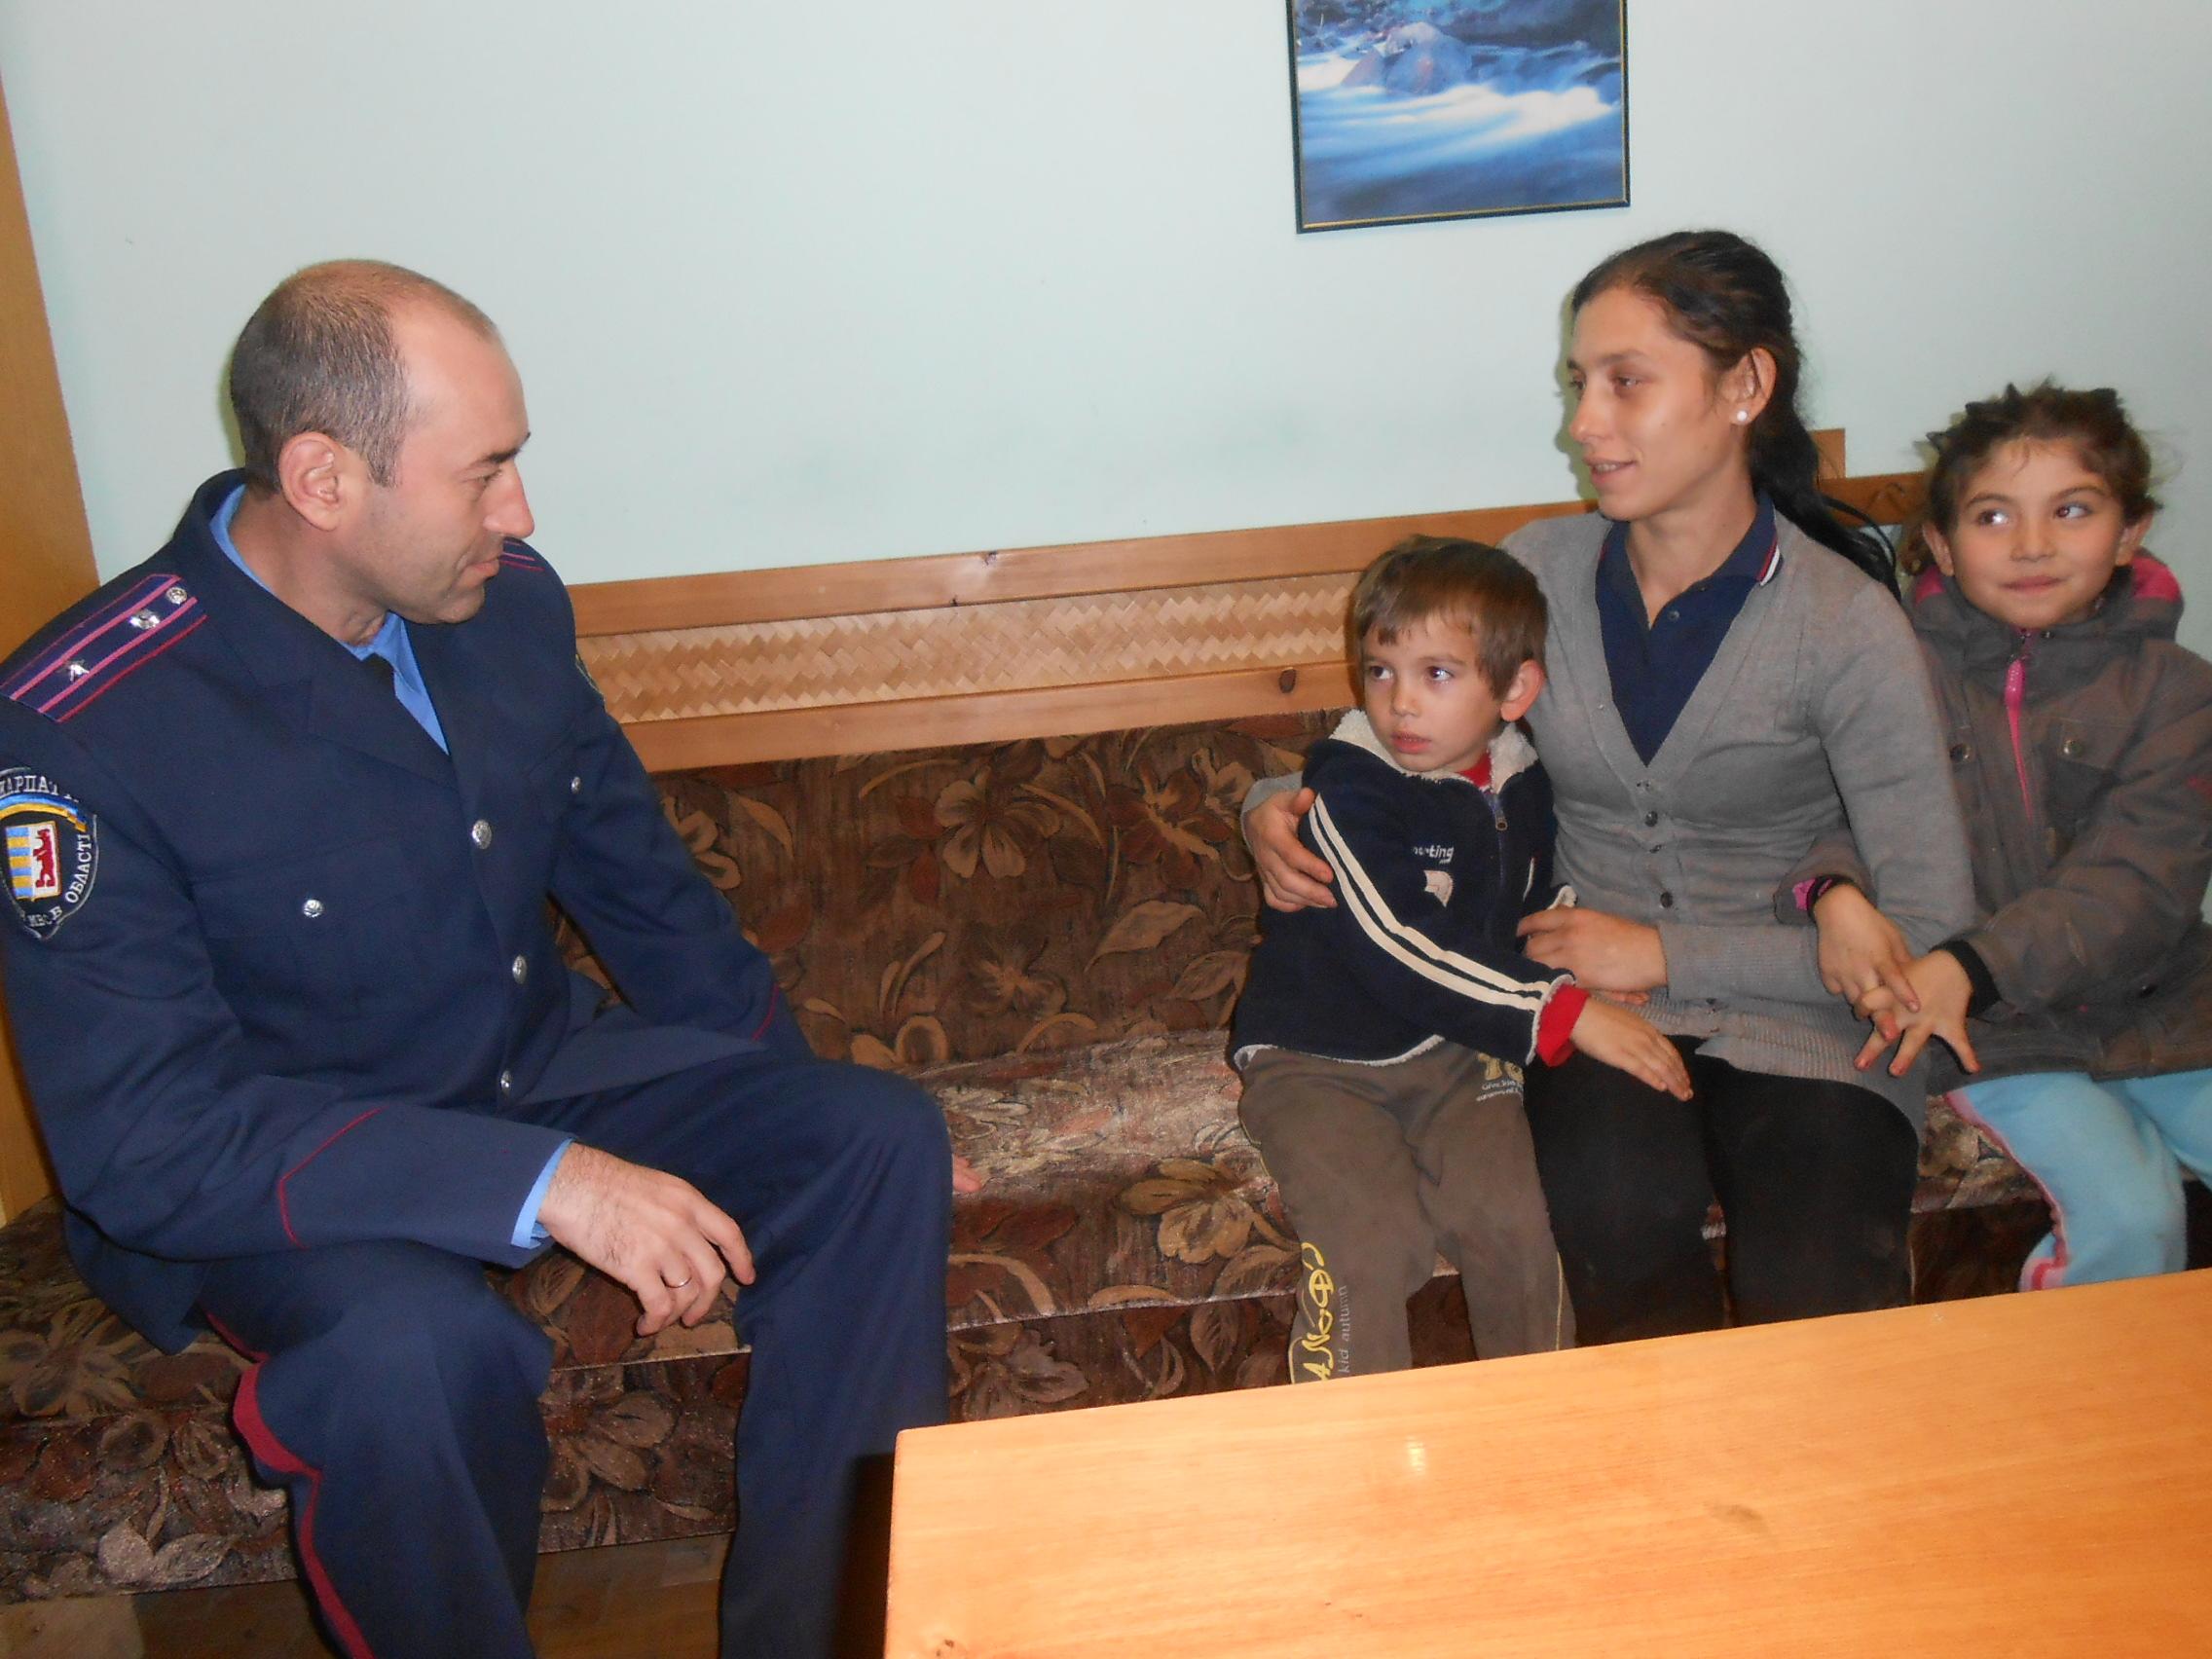 Староста ромського поселення заявляє, що діти, які вчора у центрі Мукачева плювали на людей, не з їх табору (ФОТО)